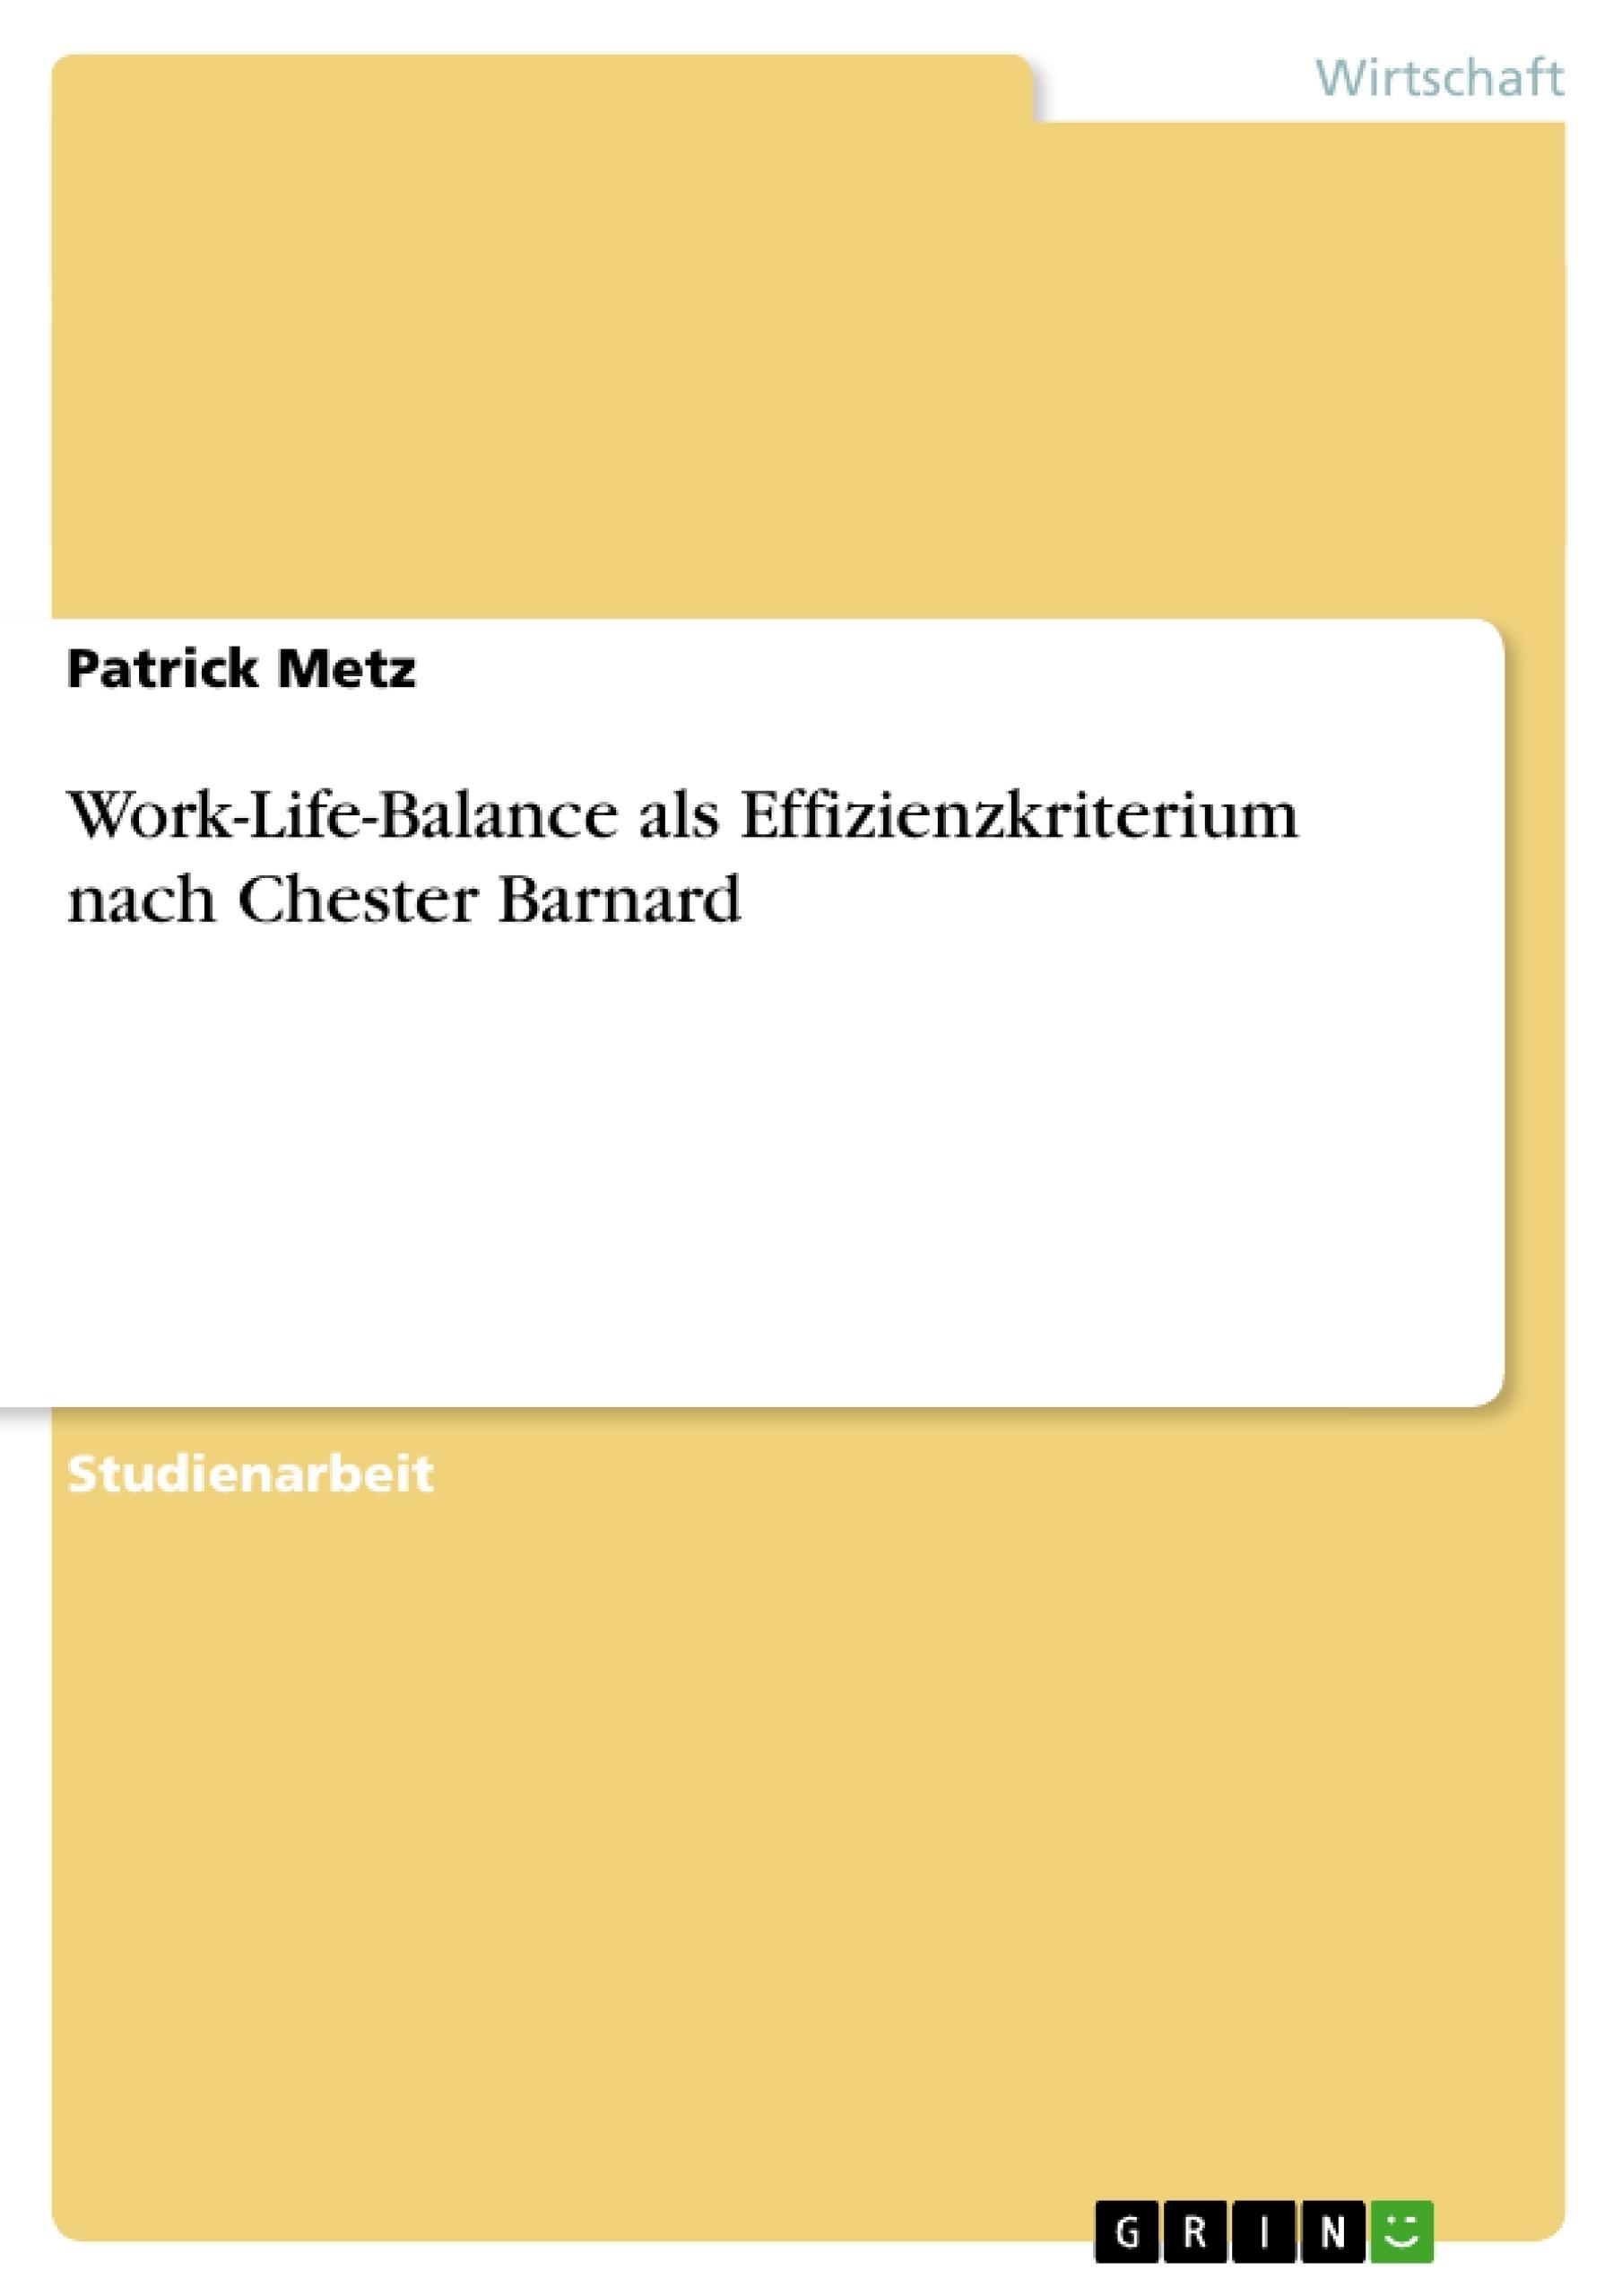 Titel: Work-Life-Balance als Effizienzkriterium nach Chester Barnard